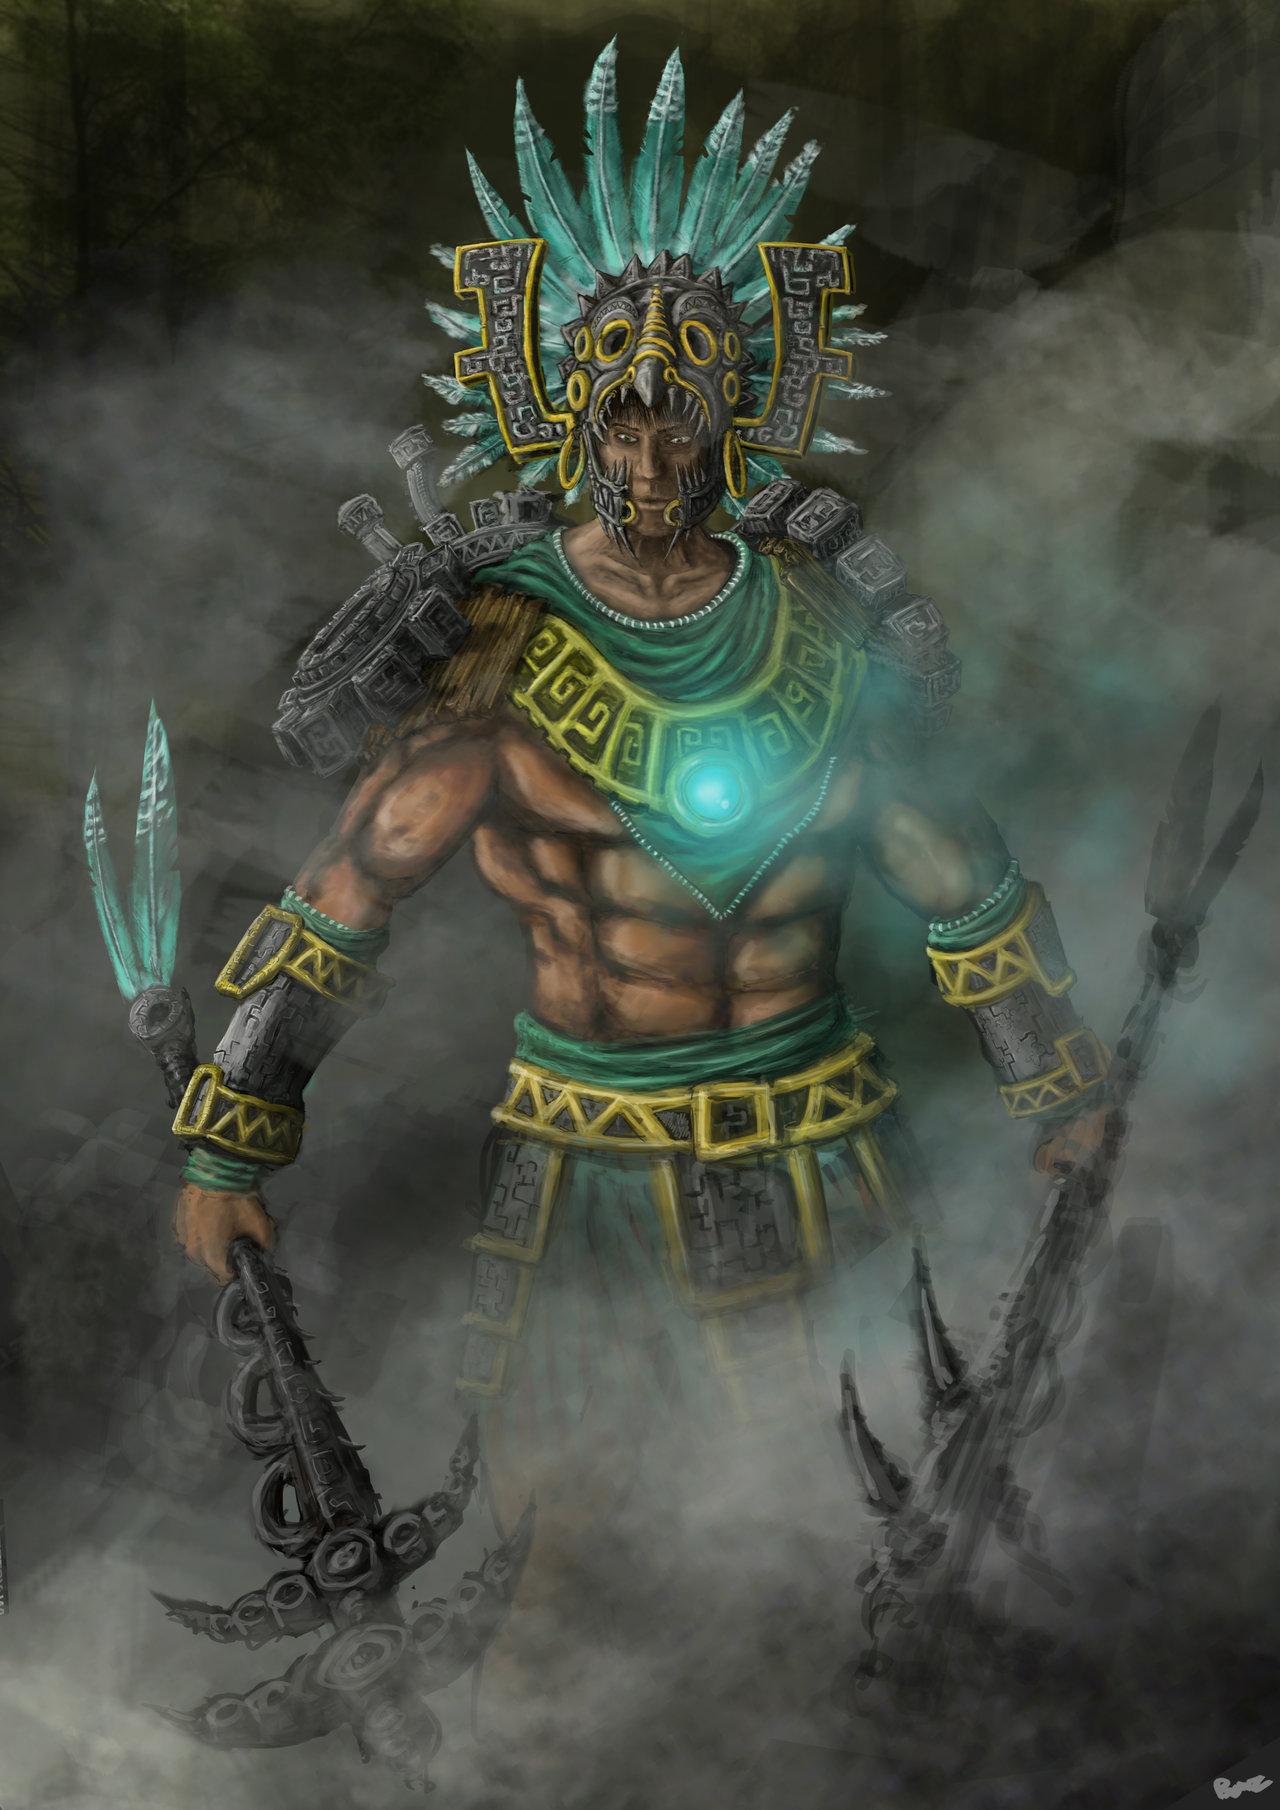 73 Aztec Warrior Wallpaper On Wallpapersafari